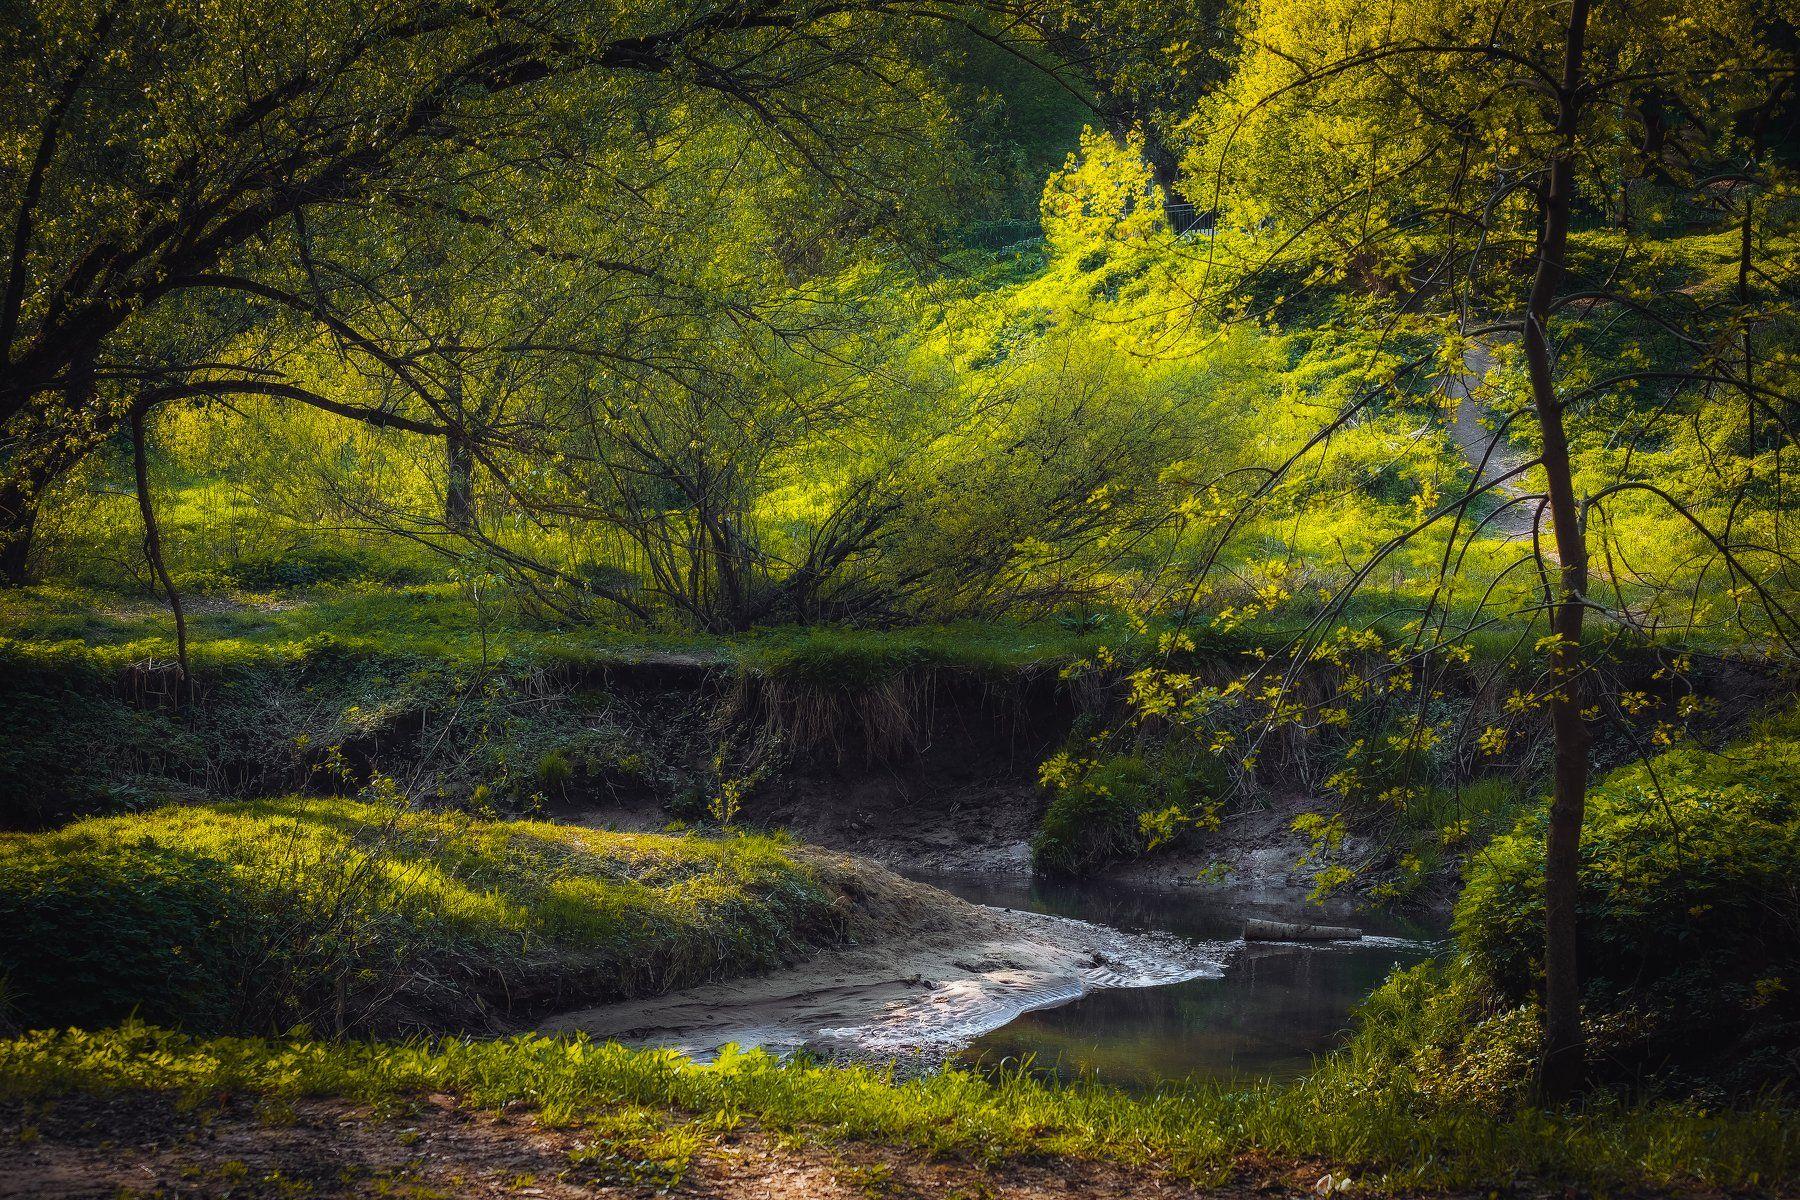 фото, природа, весна, сад, река, Екатерина